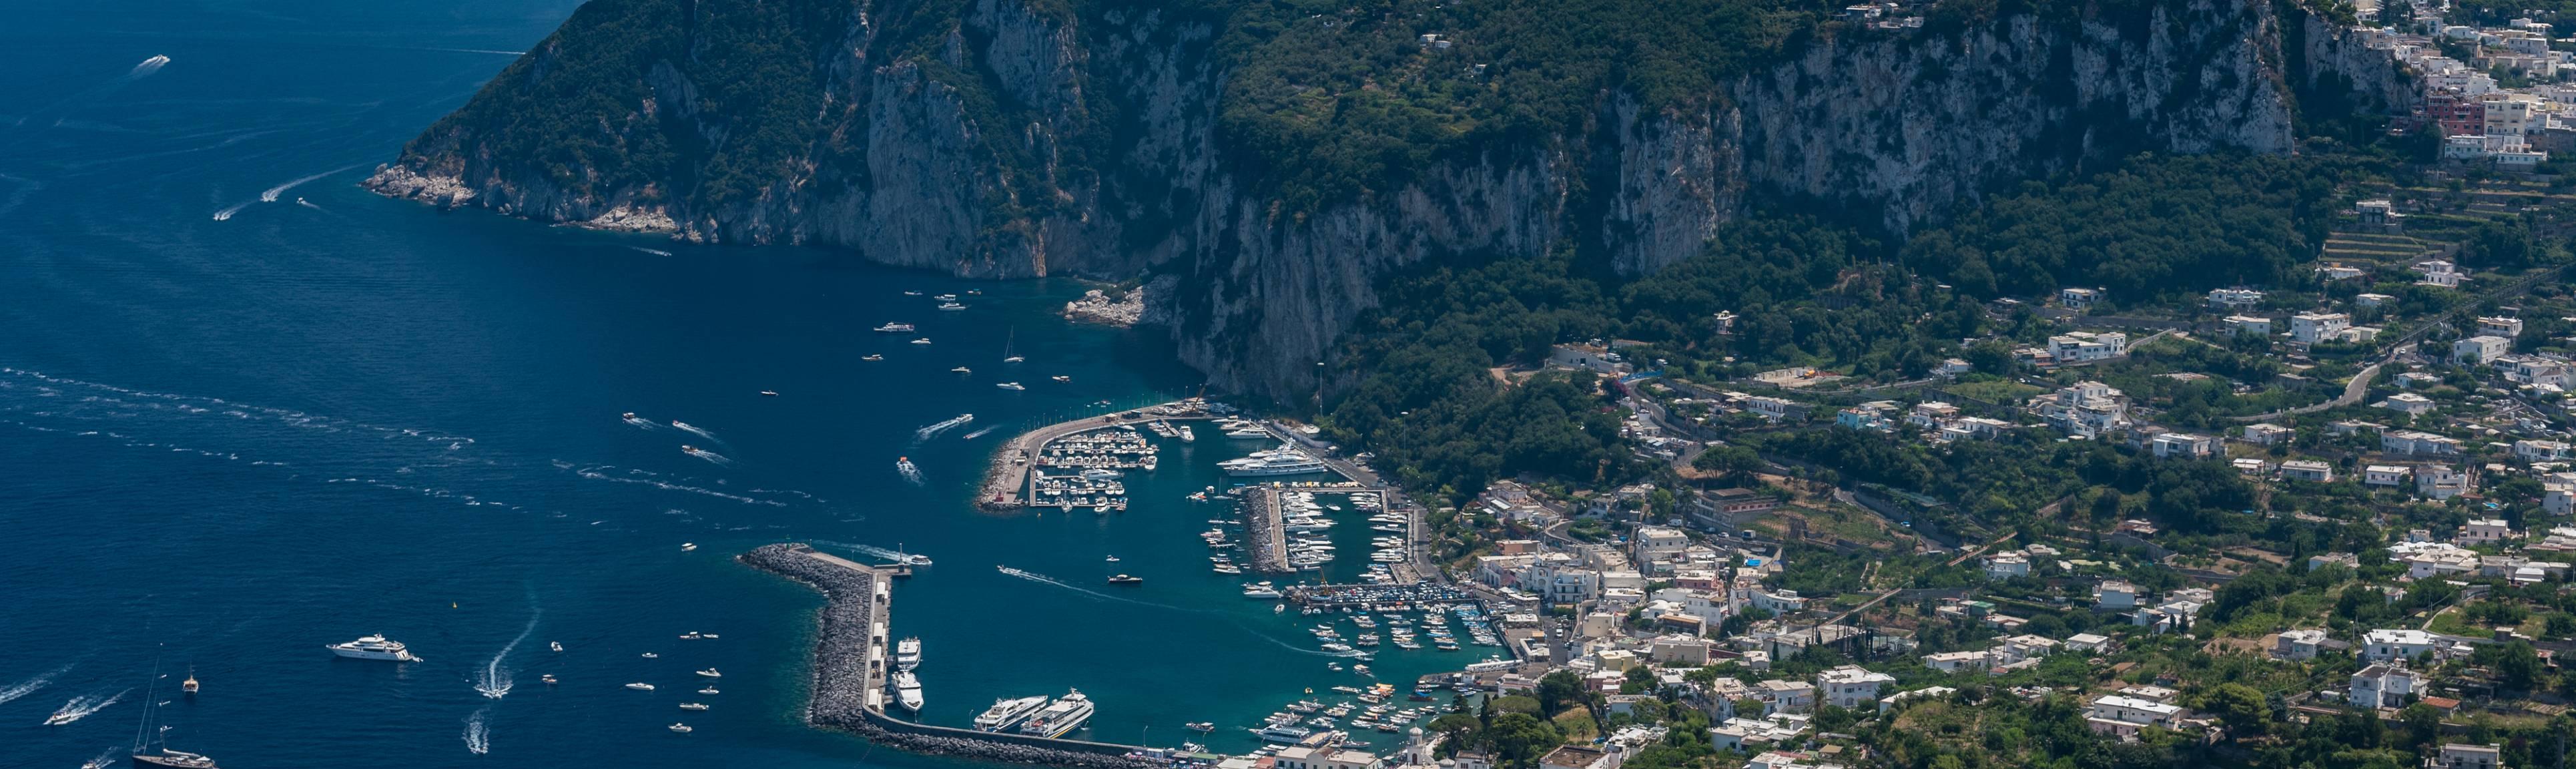 Stunning Bird's eye view of Capri and the surrounding sea